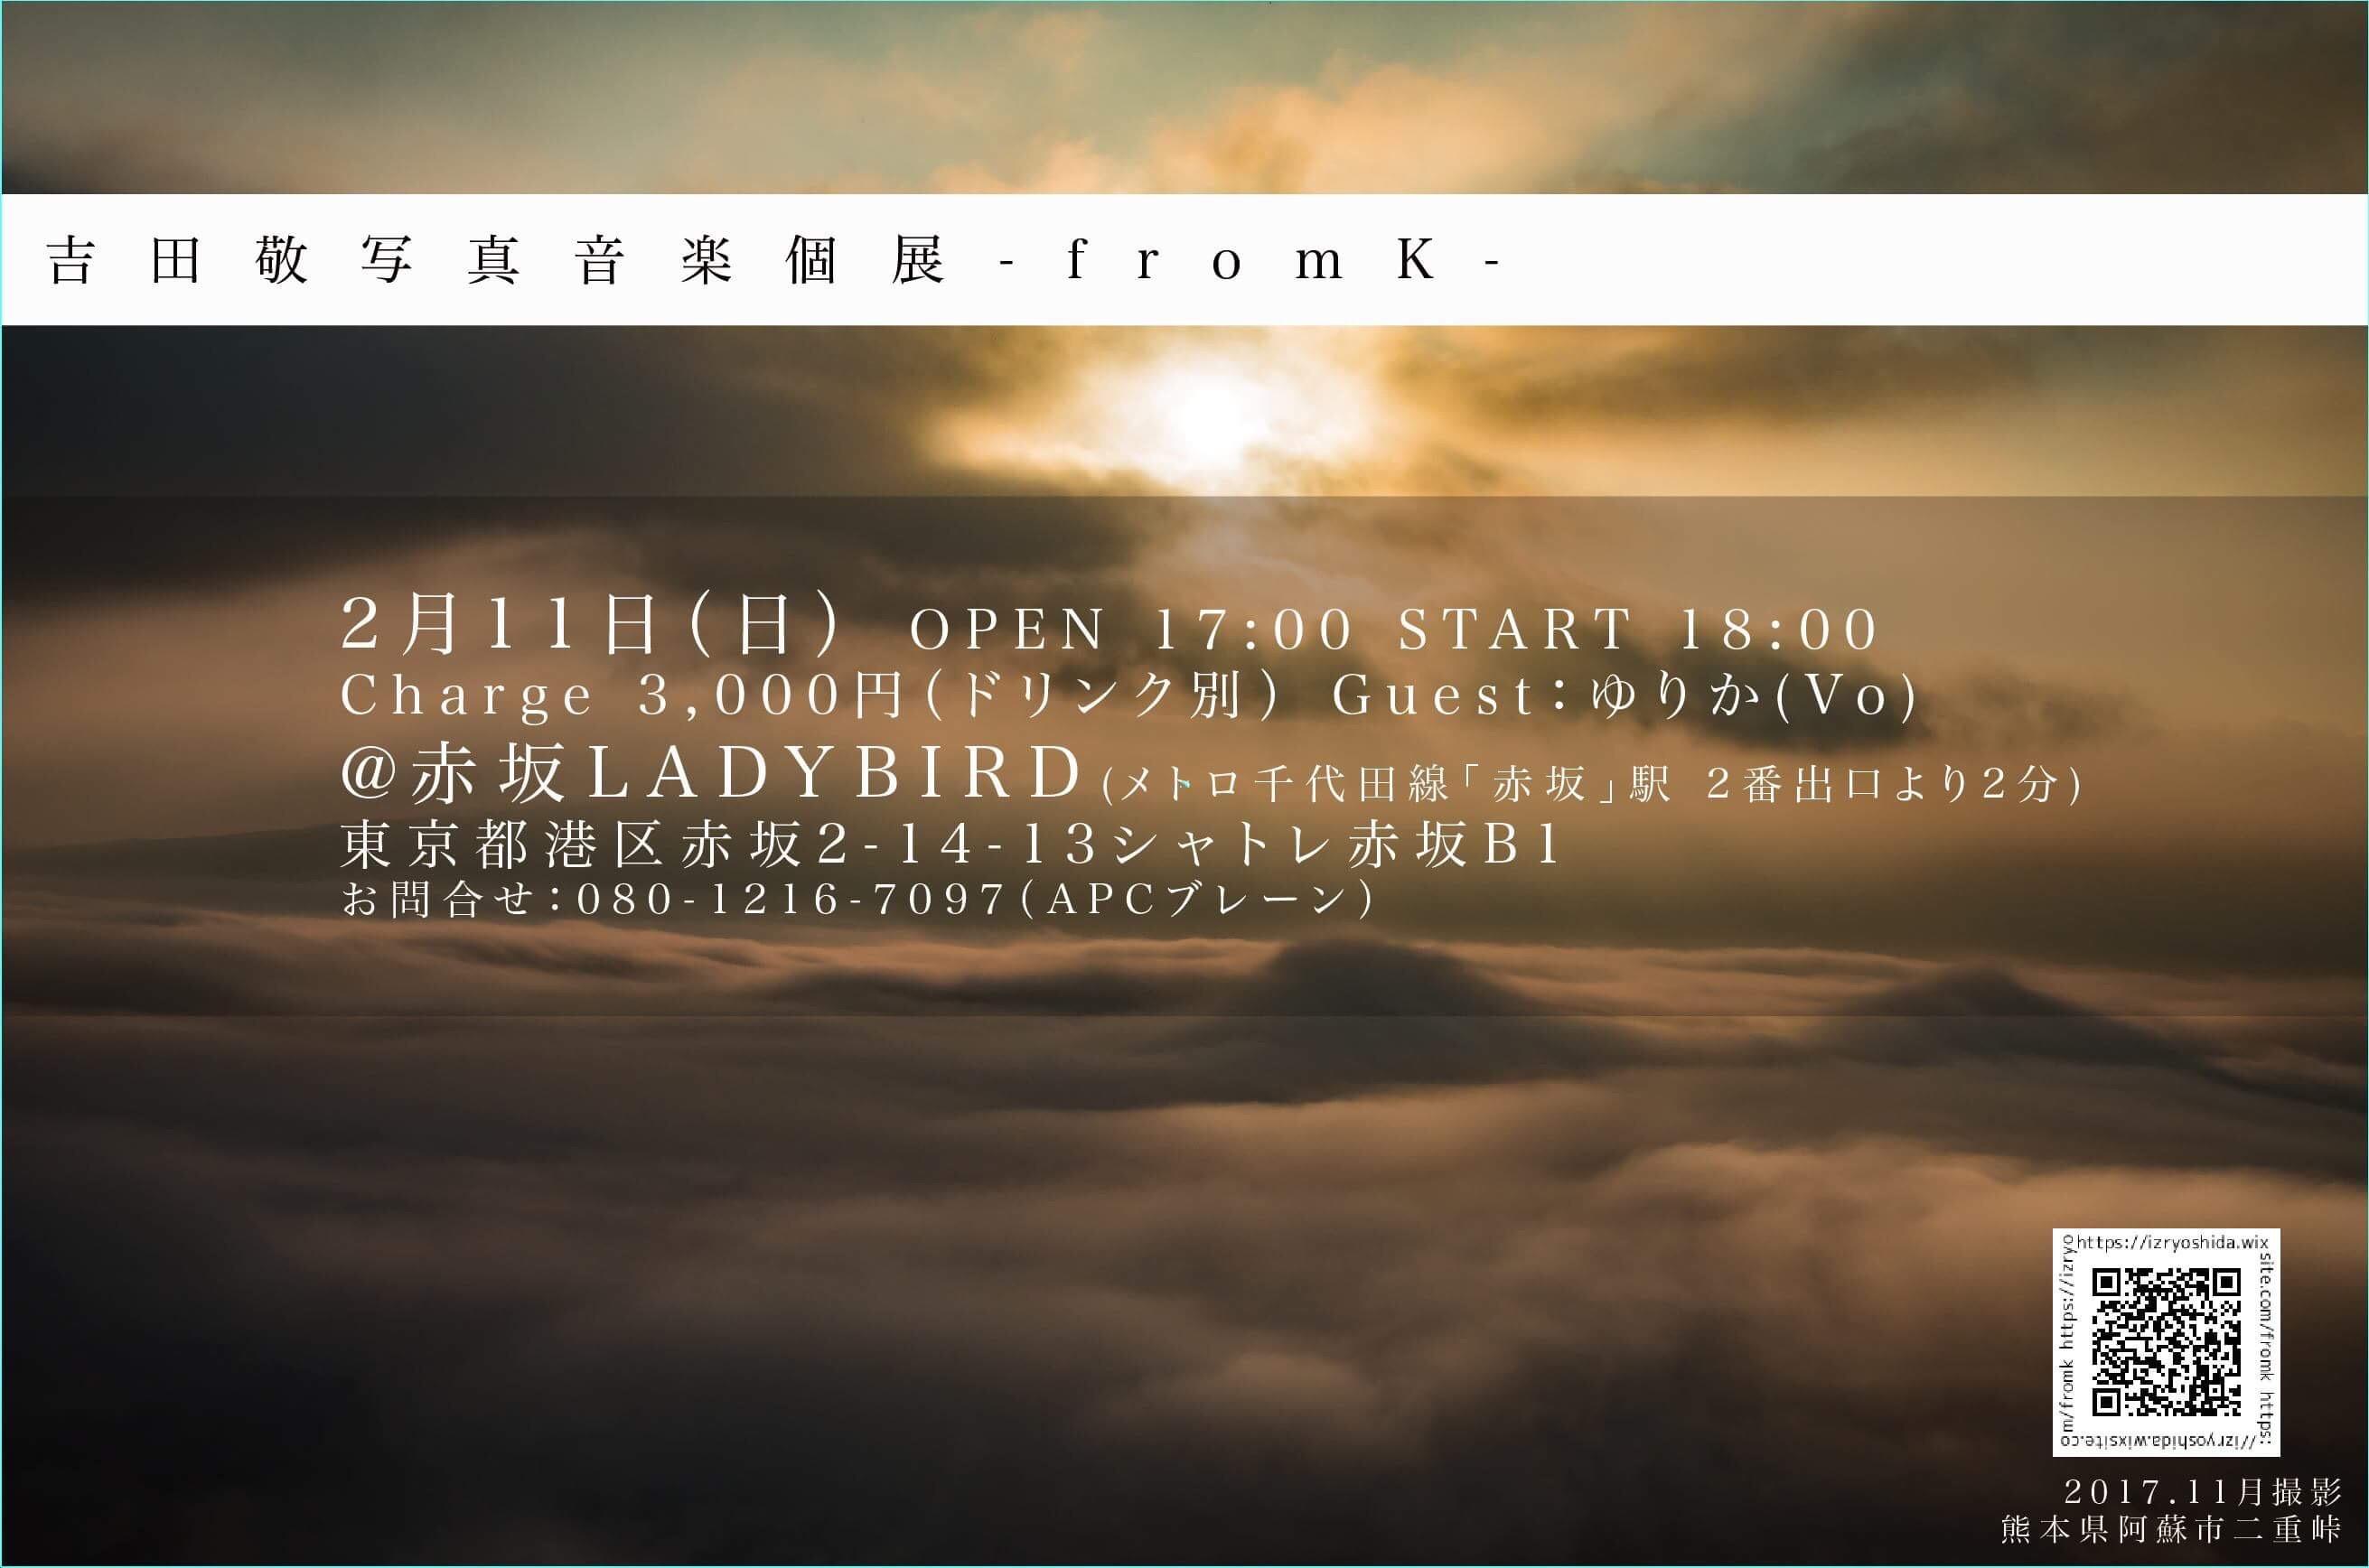 患者の活躍:2/11 吉田敬さんが赤坂で写真と音楽の個展開催!